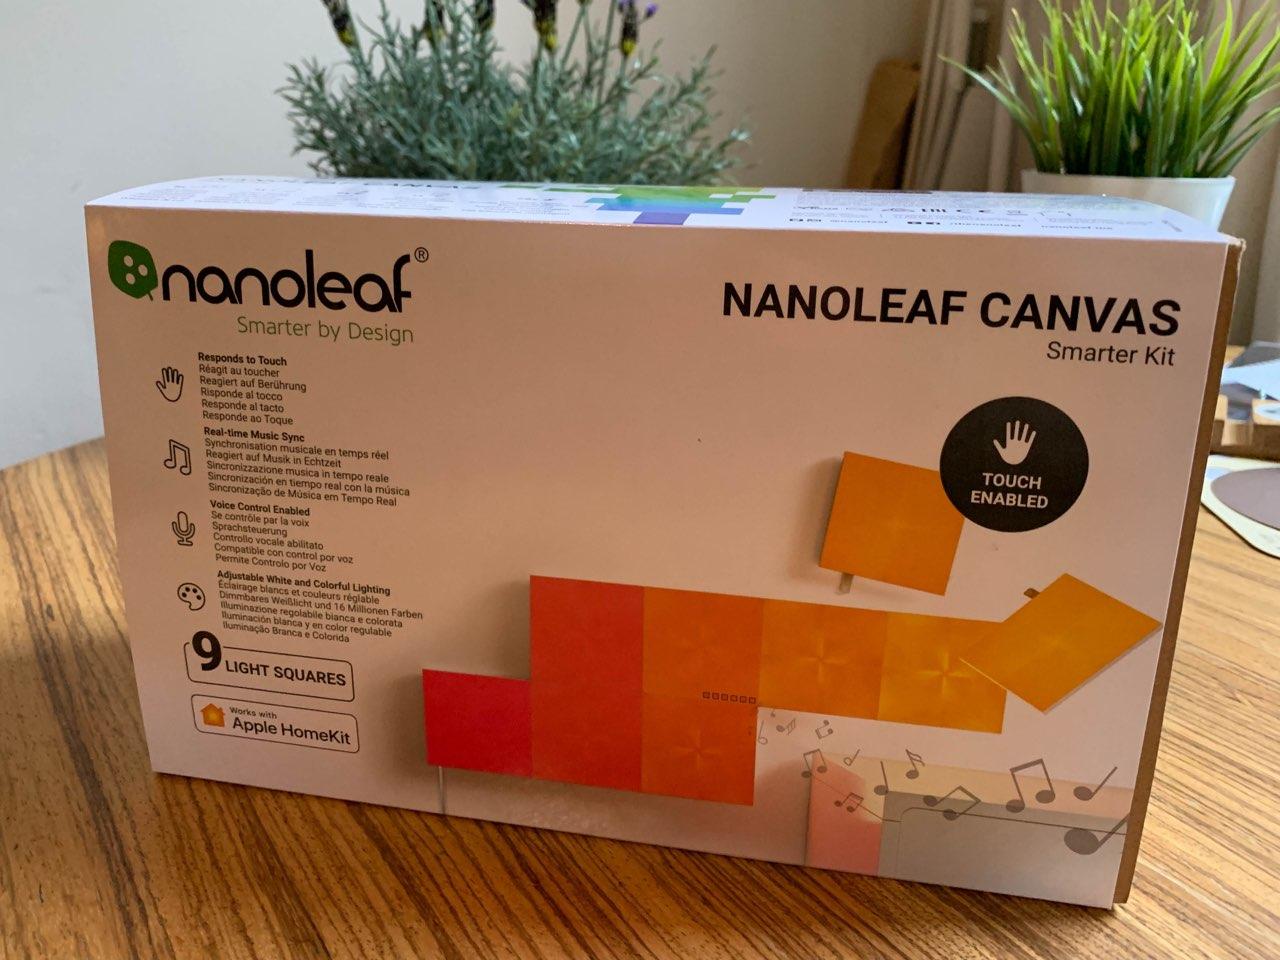 Verpakking Nanoleaf Canvas